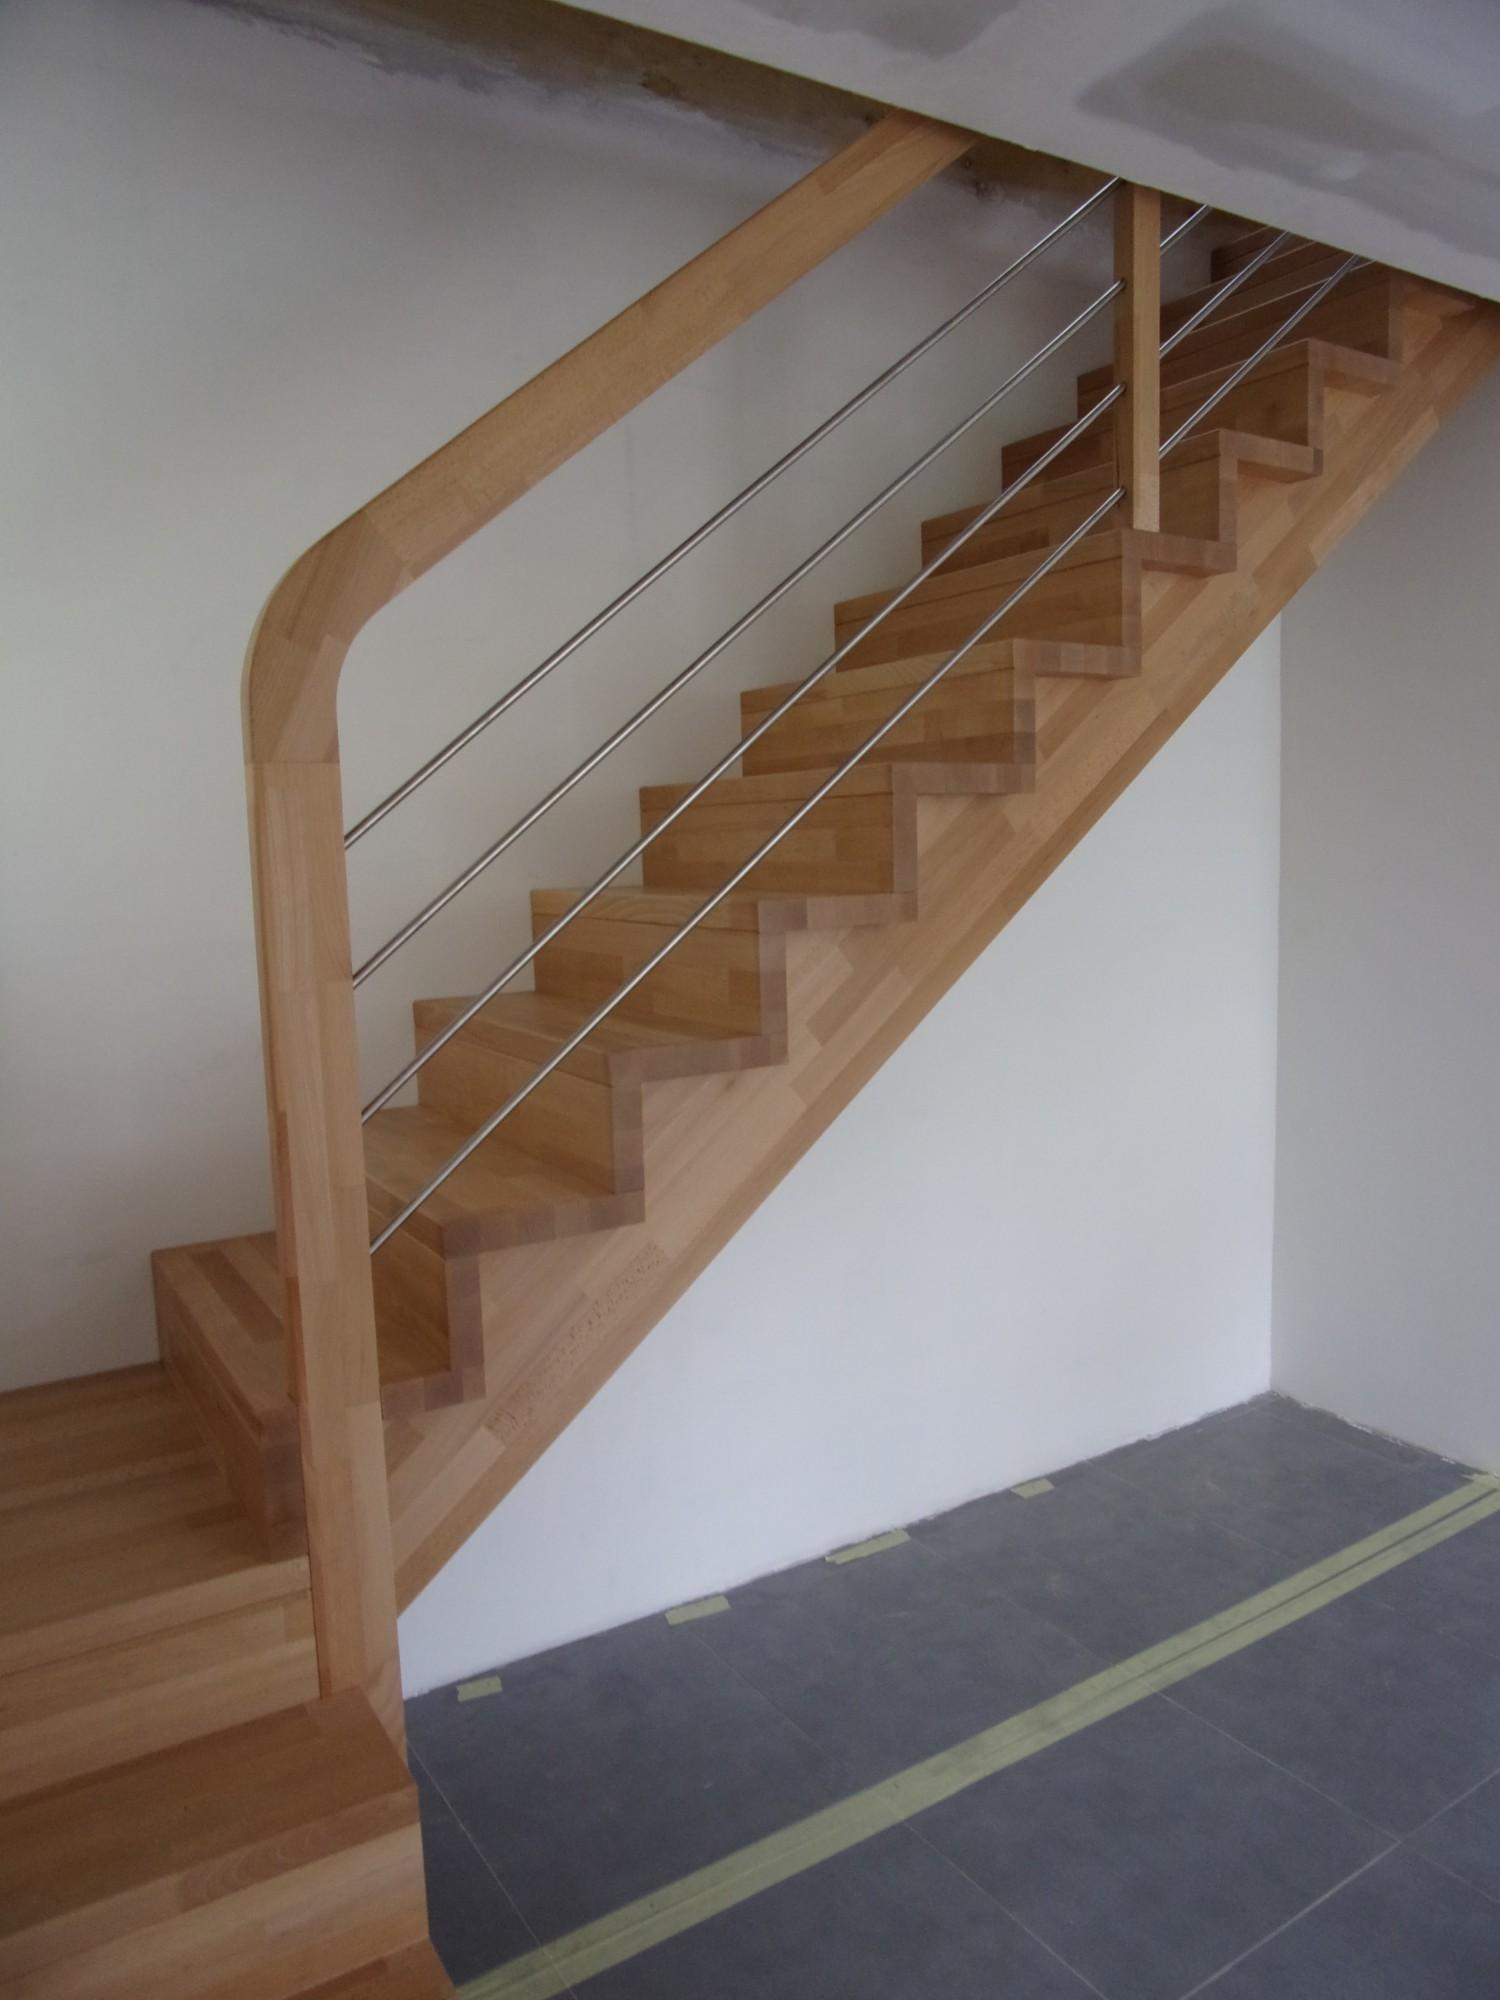 Escalier 1/4 tournant avec palier intermédiaire à Marseille - MENUISERIE MD - Menuiserie MD